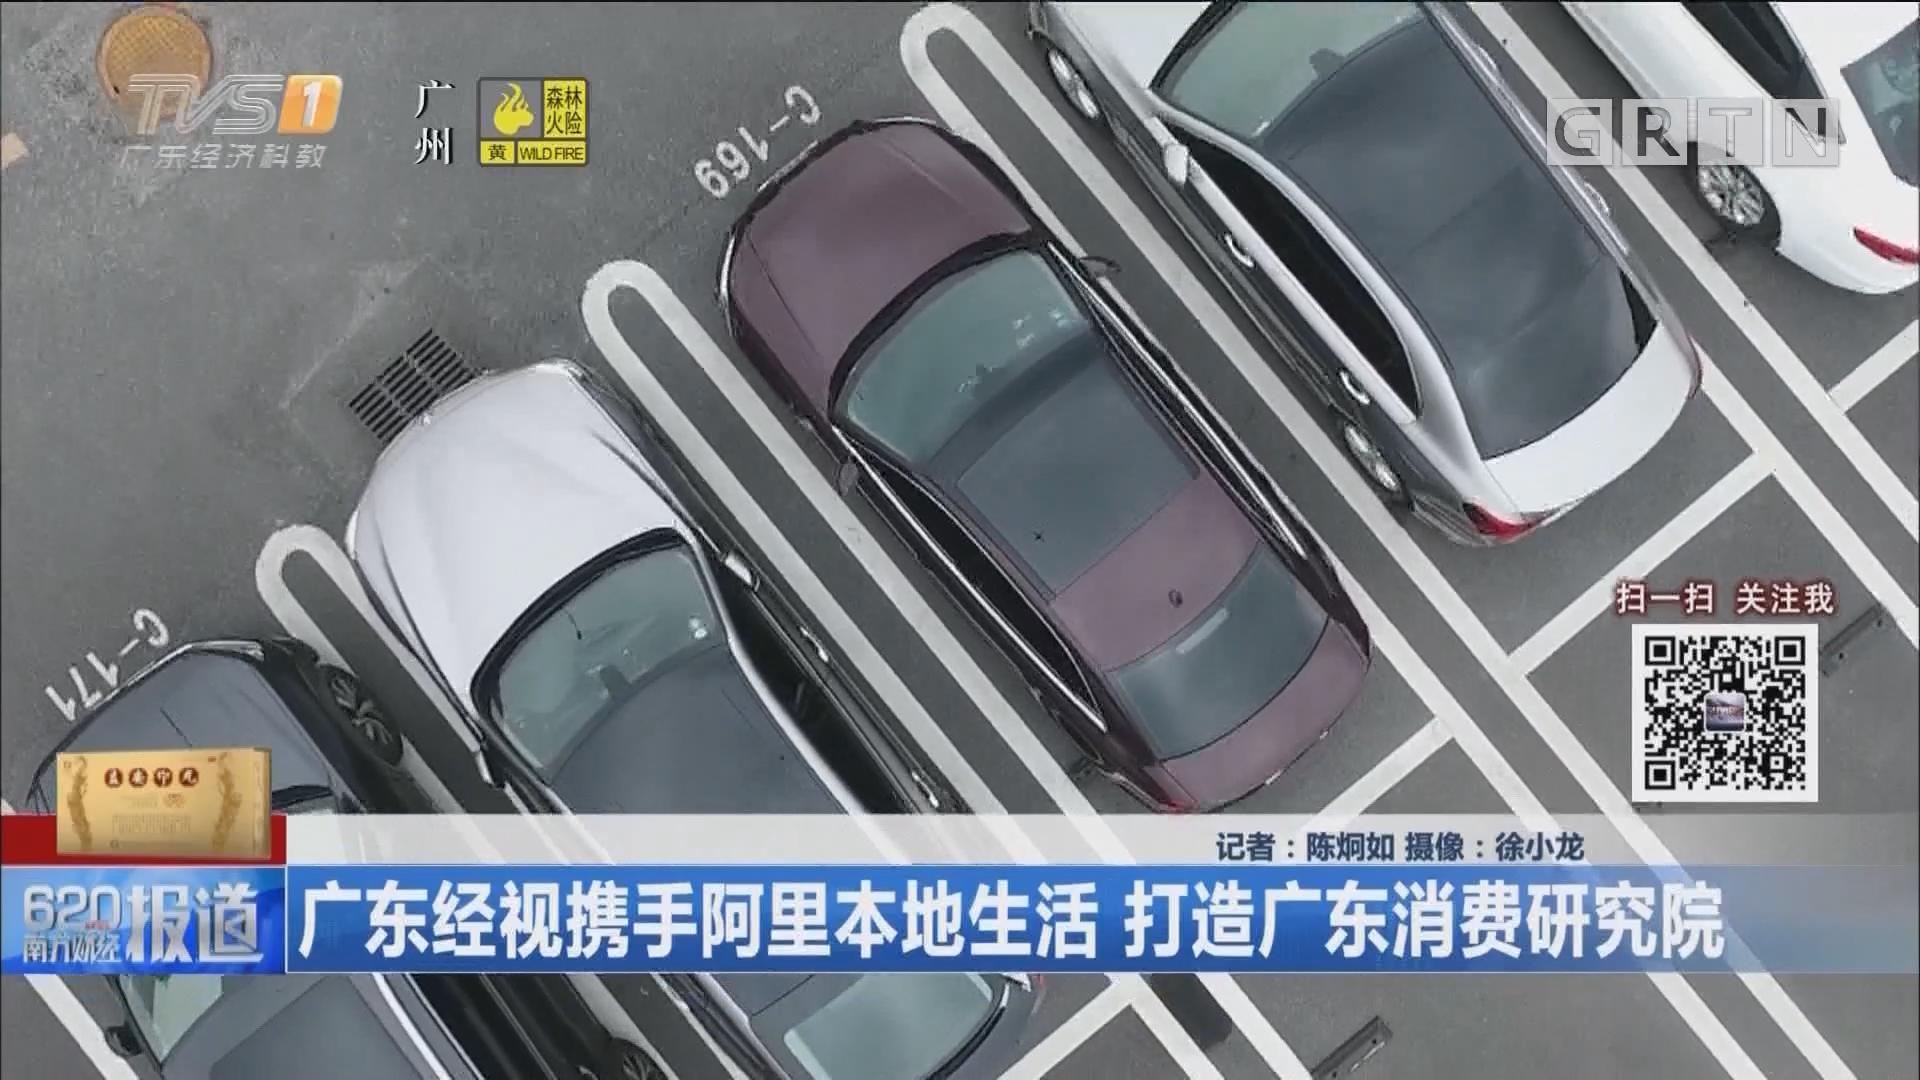 广东经视携手阿里本地生活 打造广东消费研究院